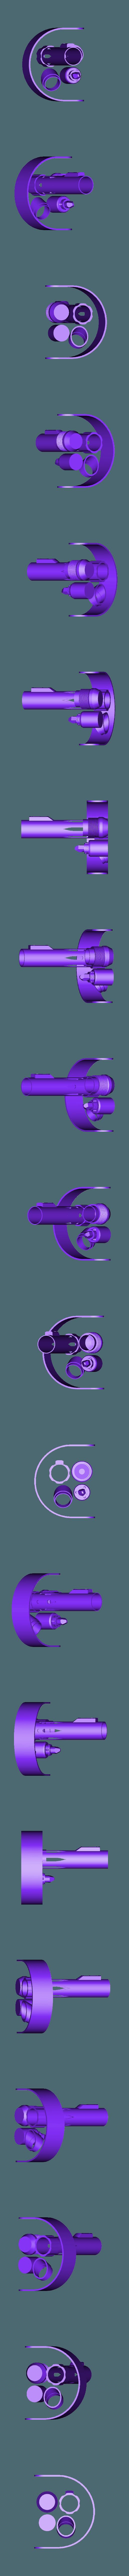 Lightsaber_MK2_v1_-_Full_Print.stl Télécharger fichier STL gratuit Sabre laser Jedi, avec garde et cristal Kyber • Design imprimable en 3D, Piggie